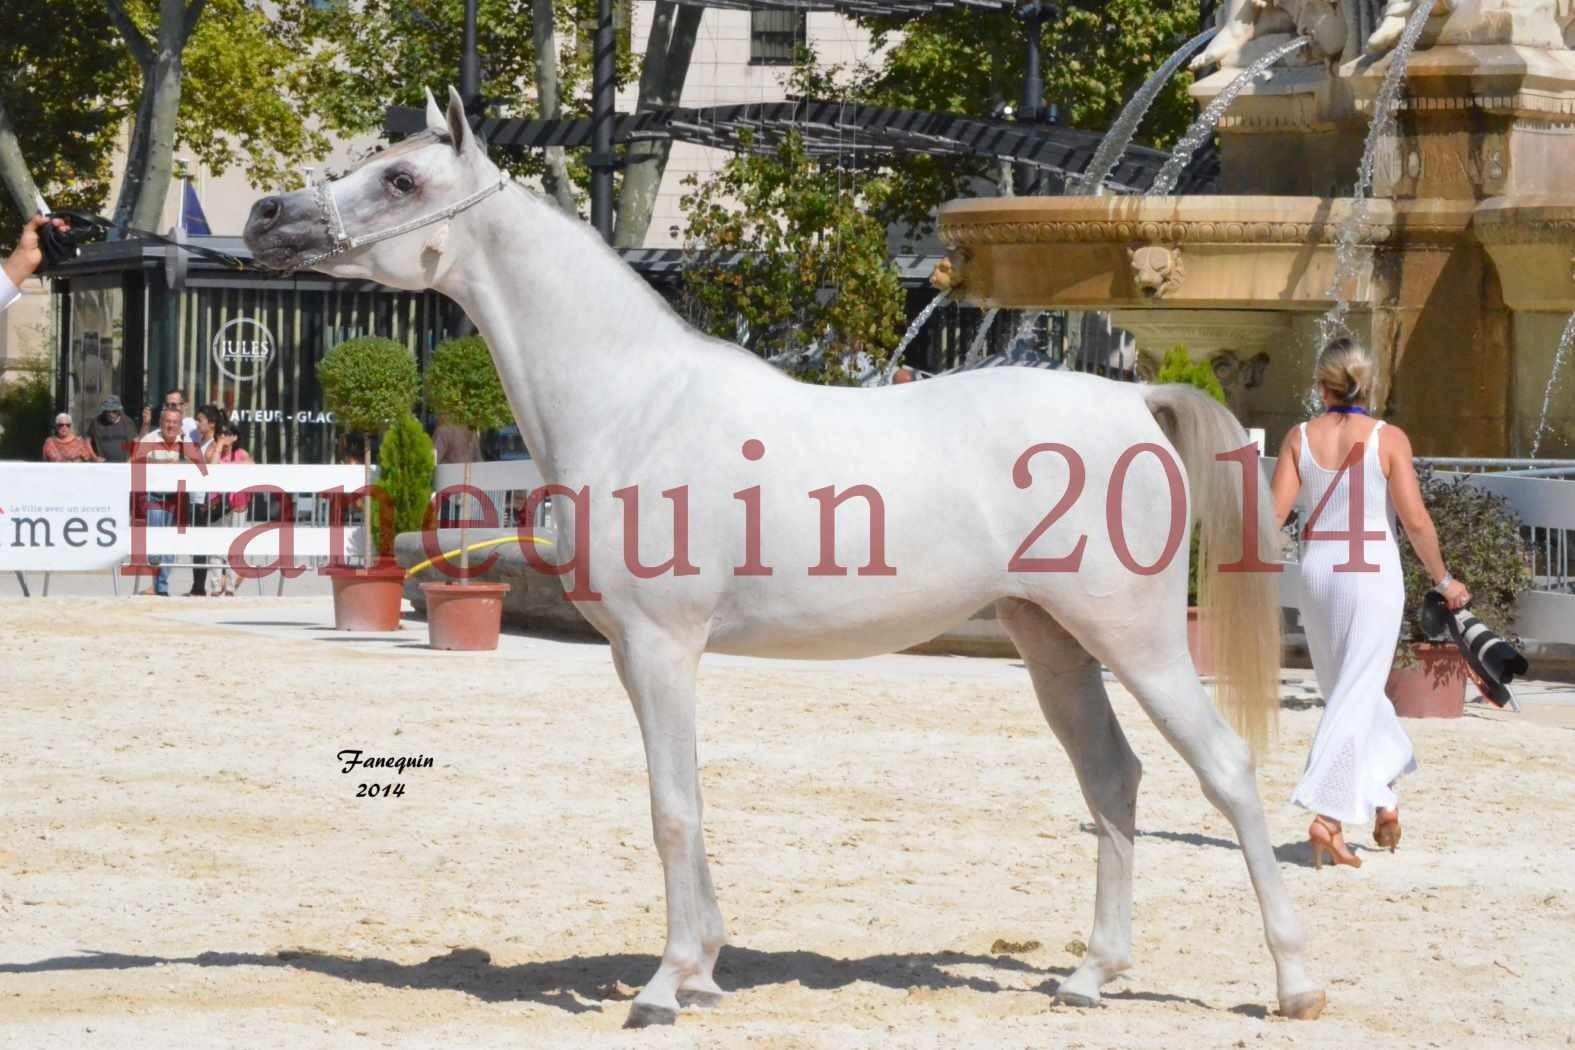 Concours National de Nîmes de chevaux ARABES 2014 - ENVY ETERNITY - 08